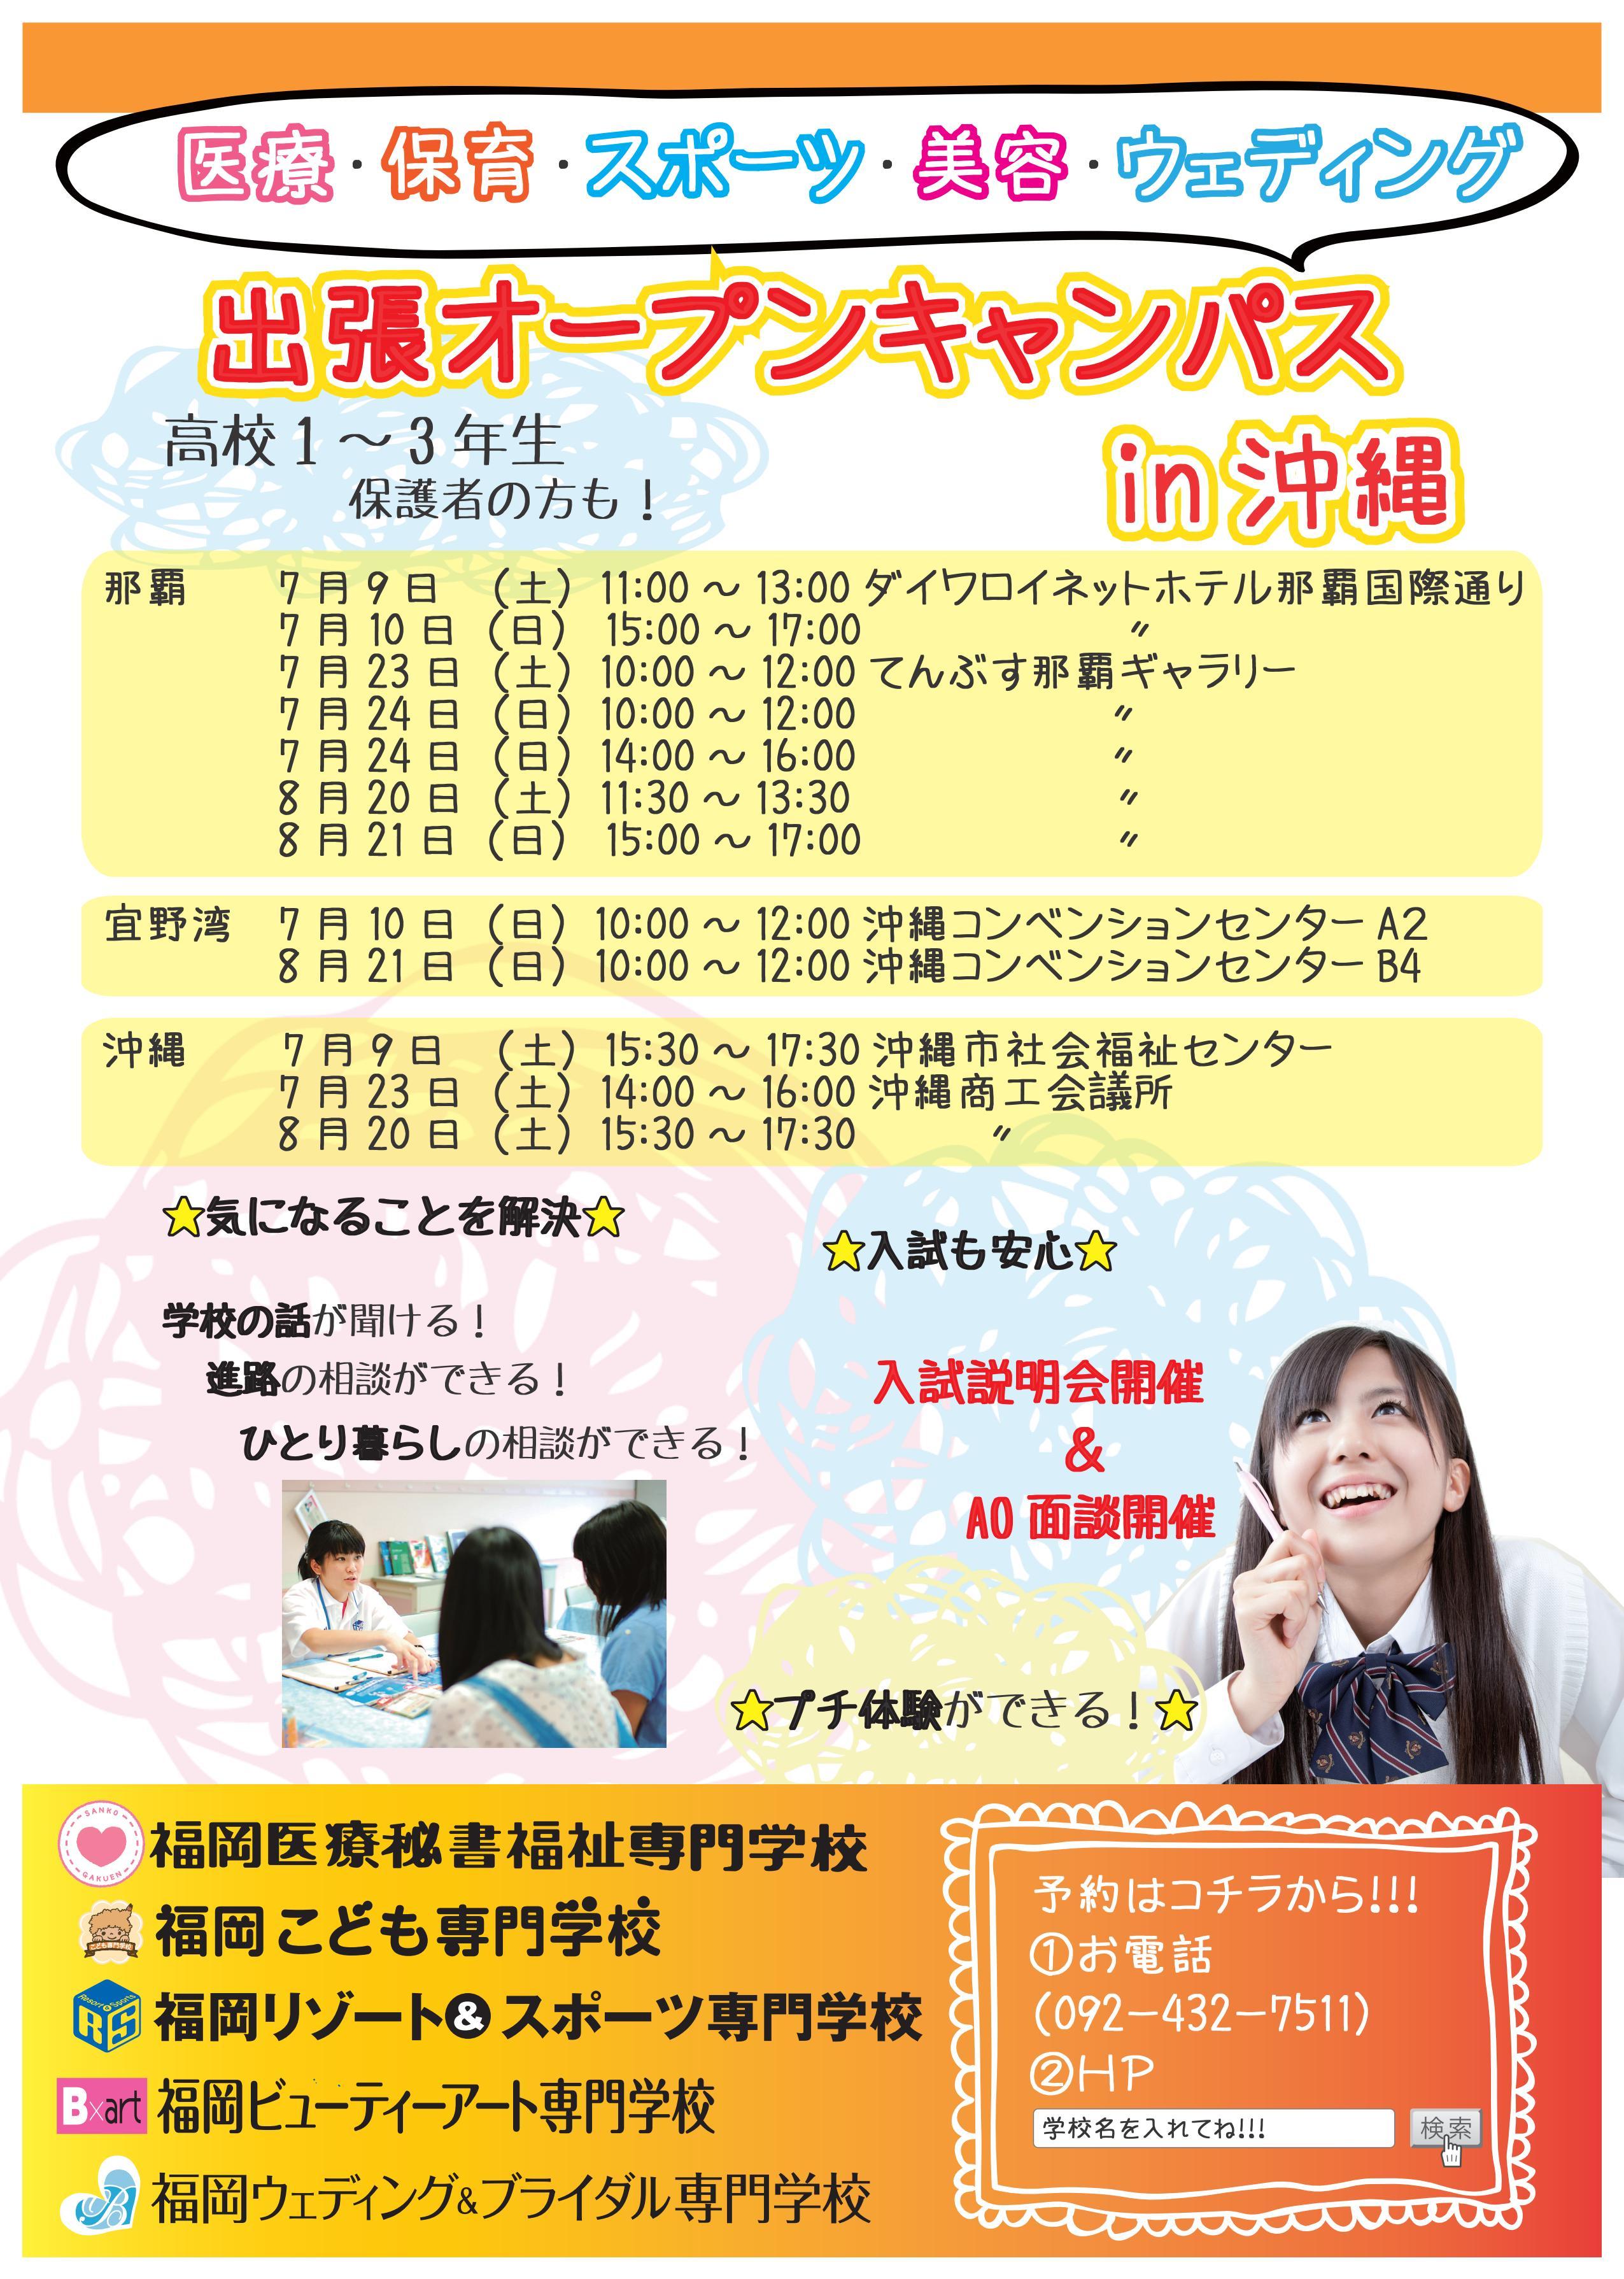 沖縄出張OC.jpg